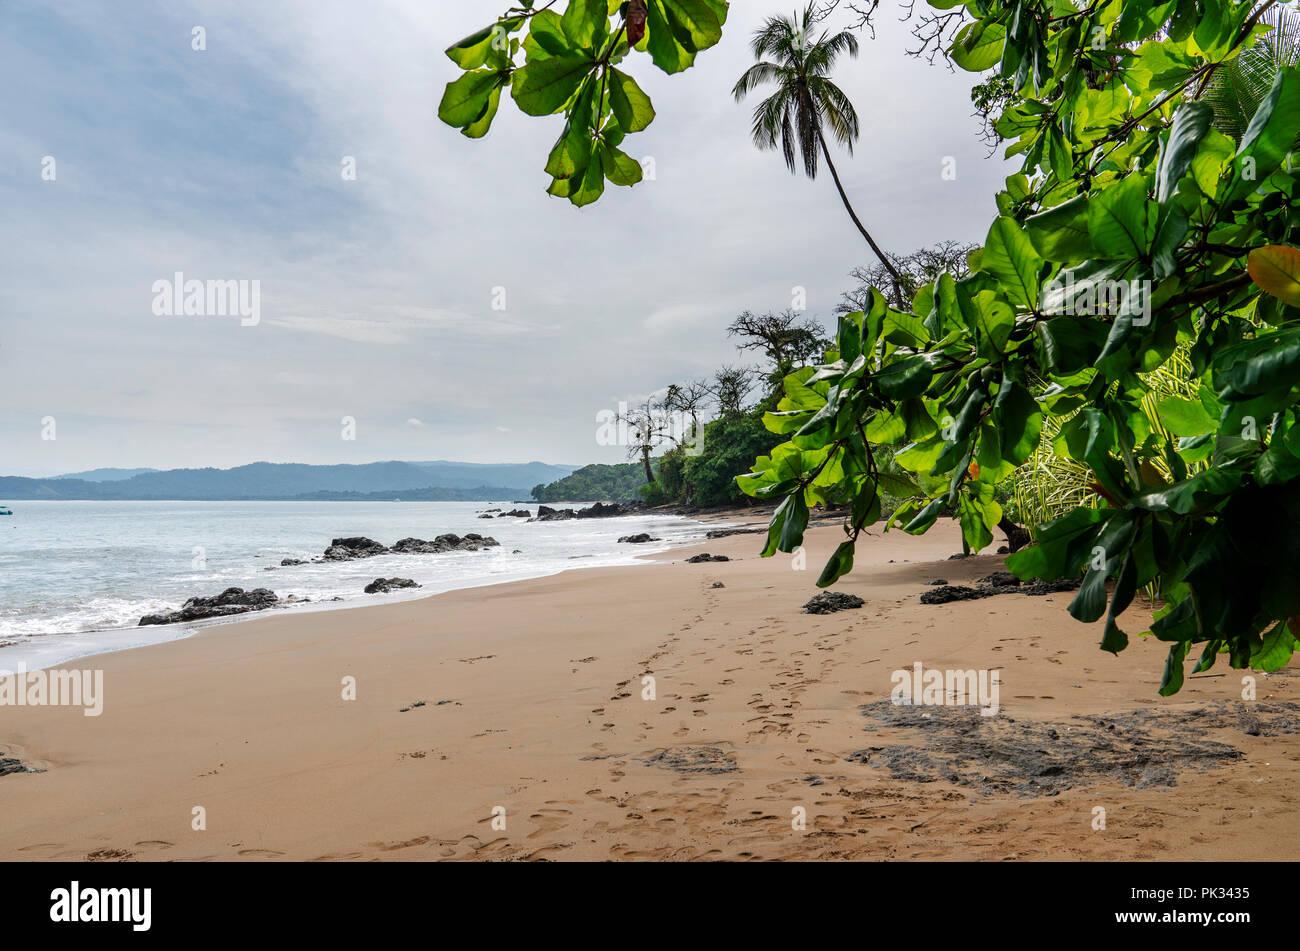 Plage, Parc national de Corcovado, péninsule d'Osa, au Costa Rica Photo Stock